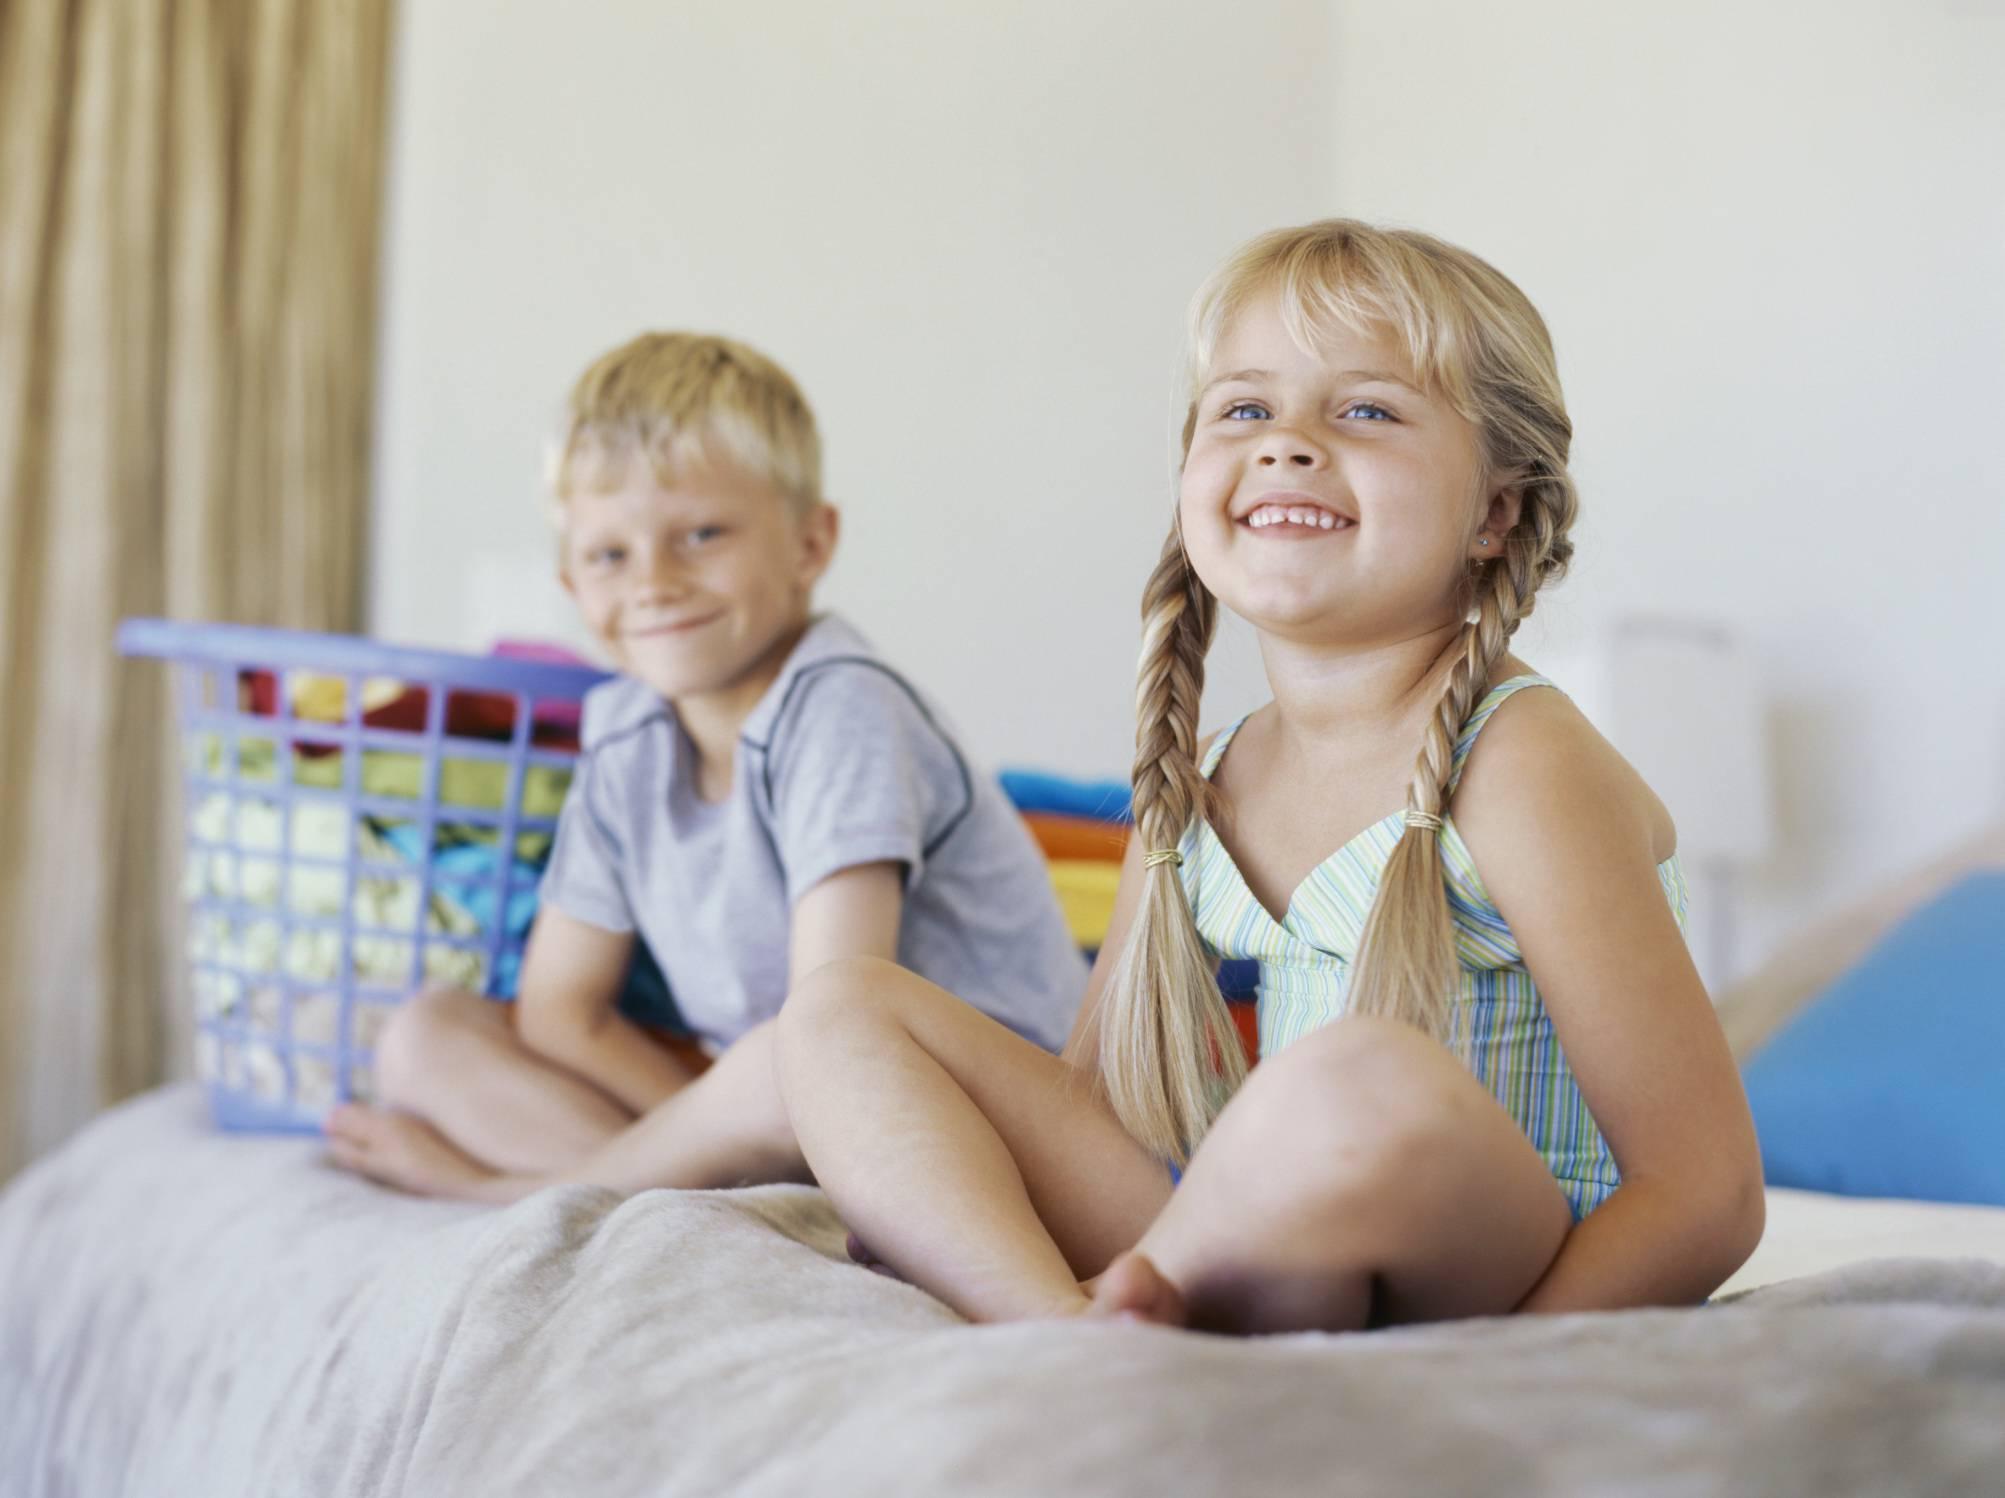 Fratello e sorella seduti sullo stesso letto